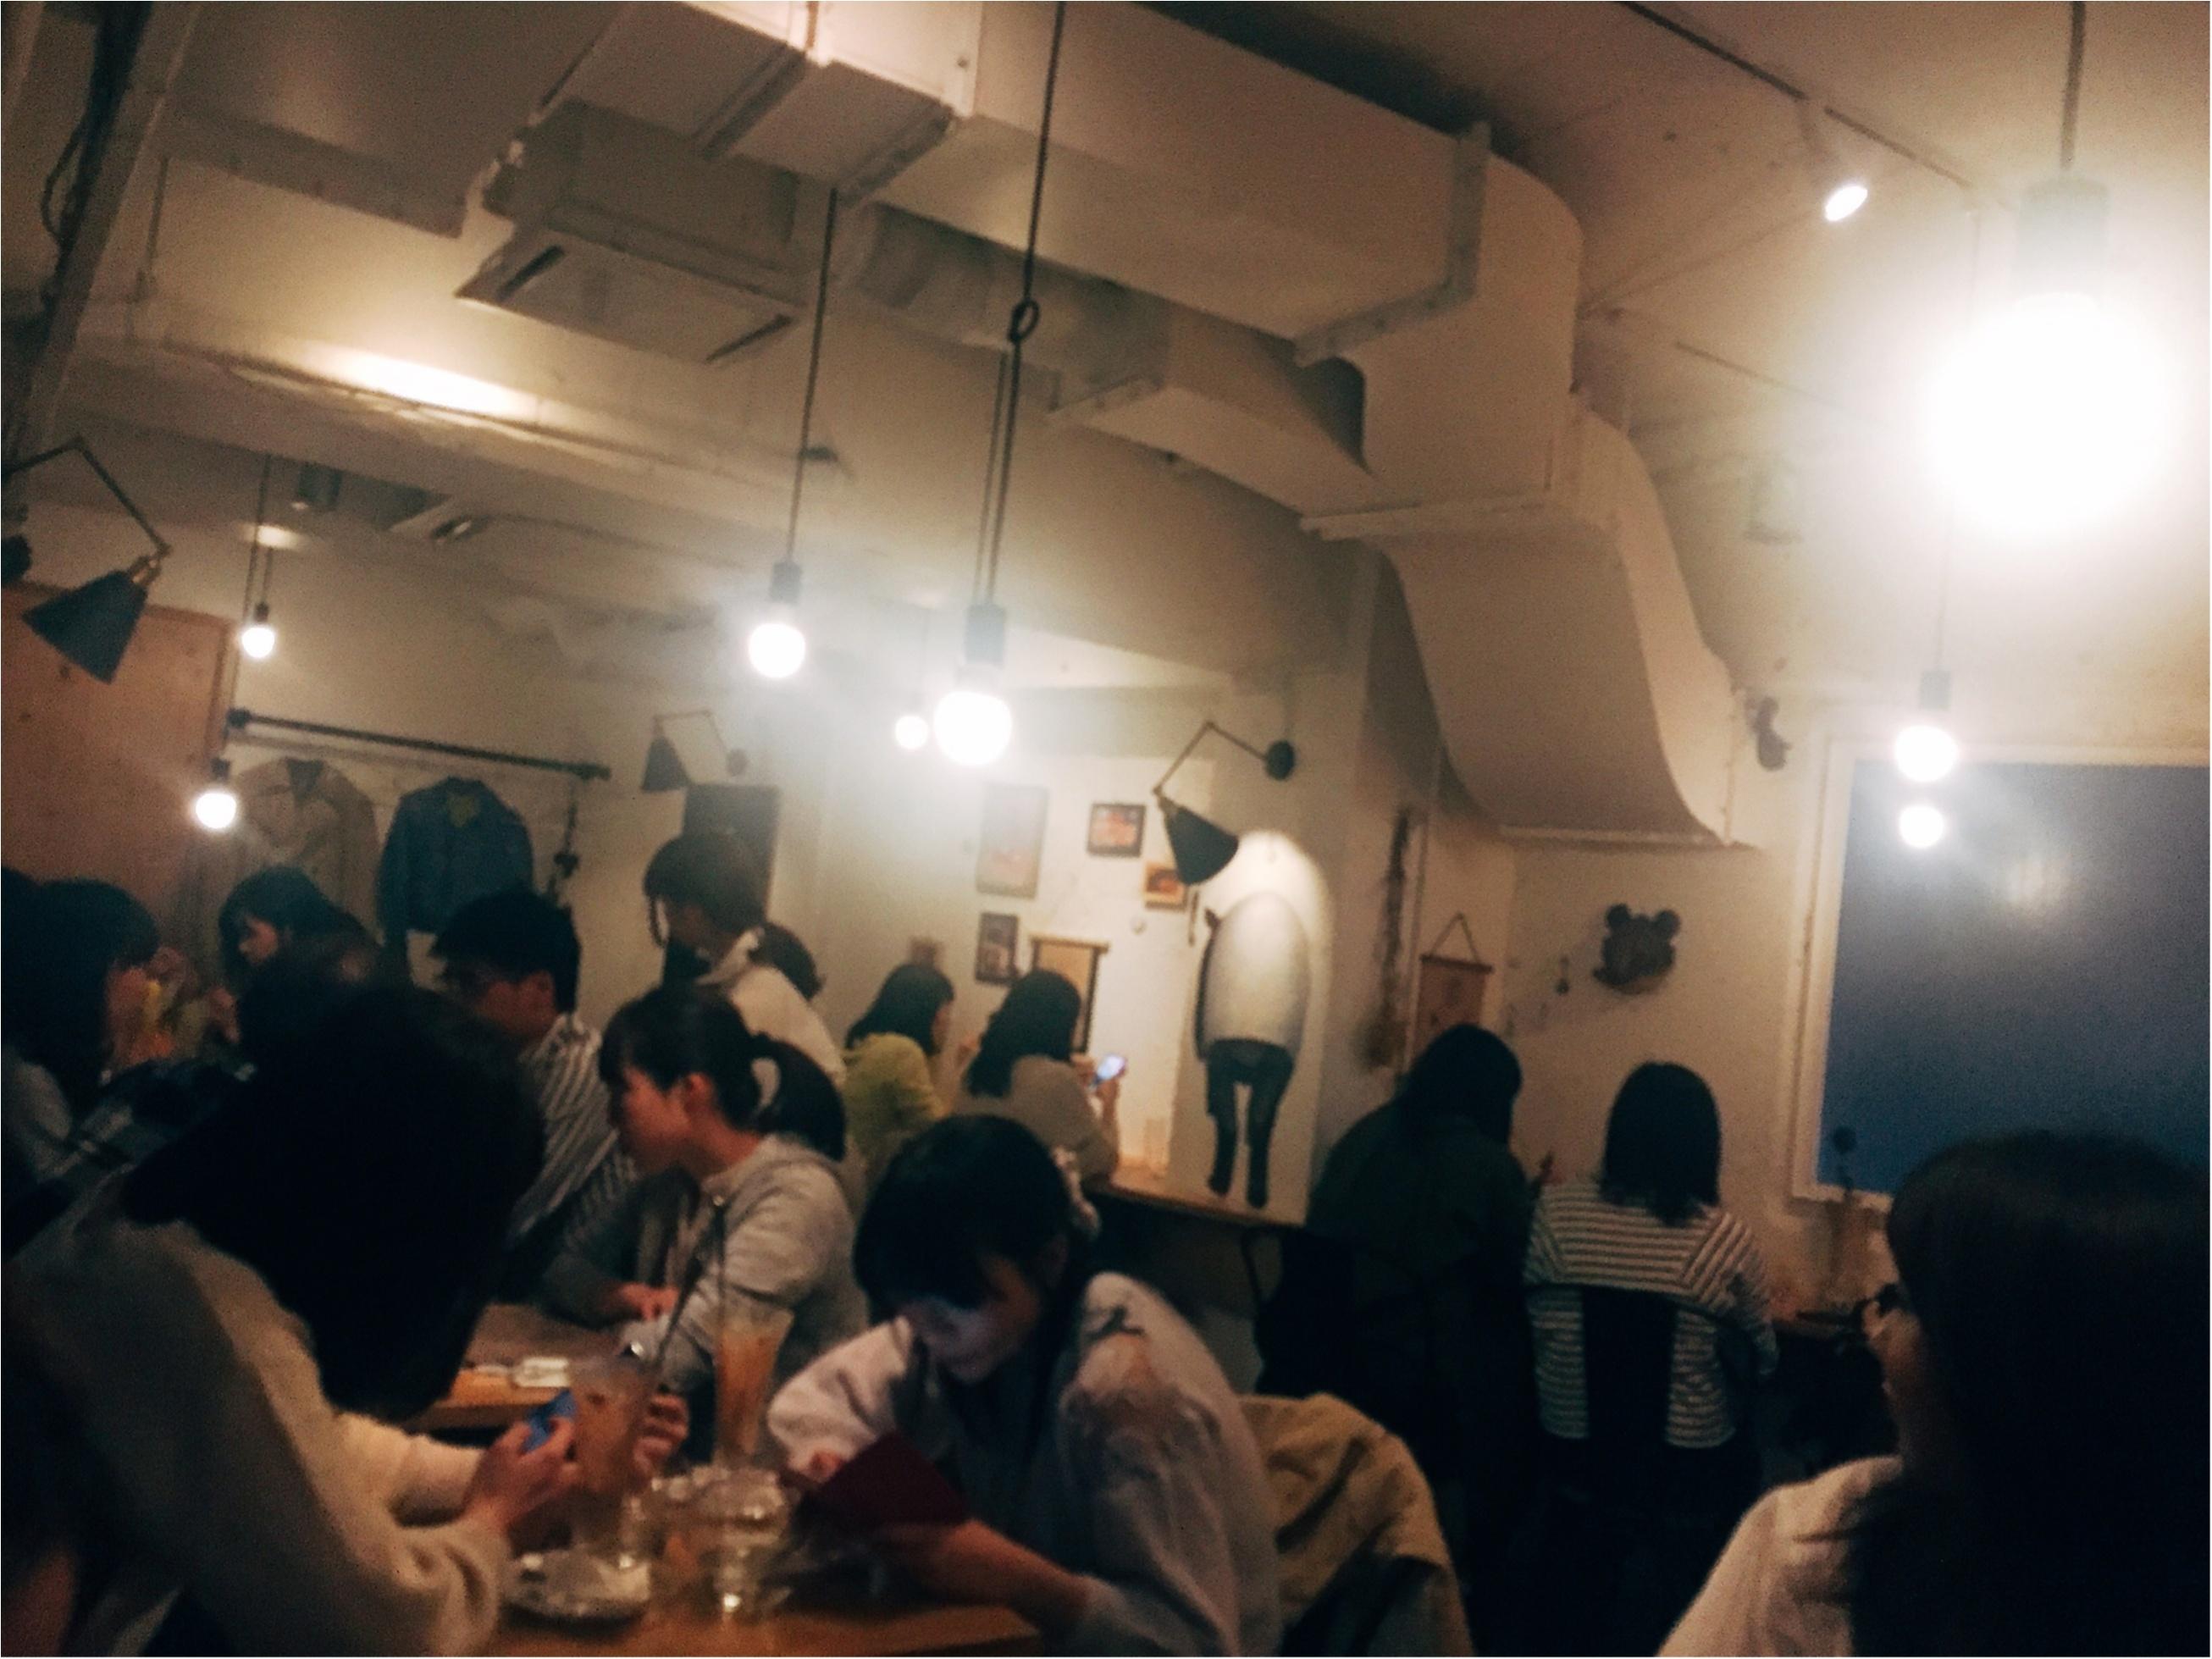 【渋谷/夜だけ食べられるパフェ】一日の締めに美味しいパフェで〆る!お酒も飲めるフォトジェニックなスイーツカフェ♡_1_2